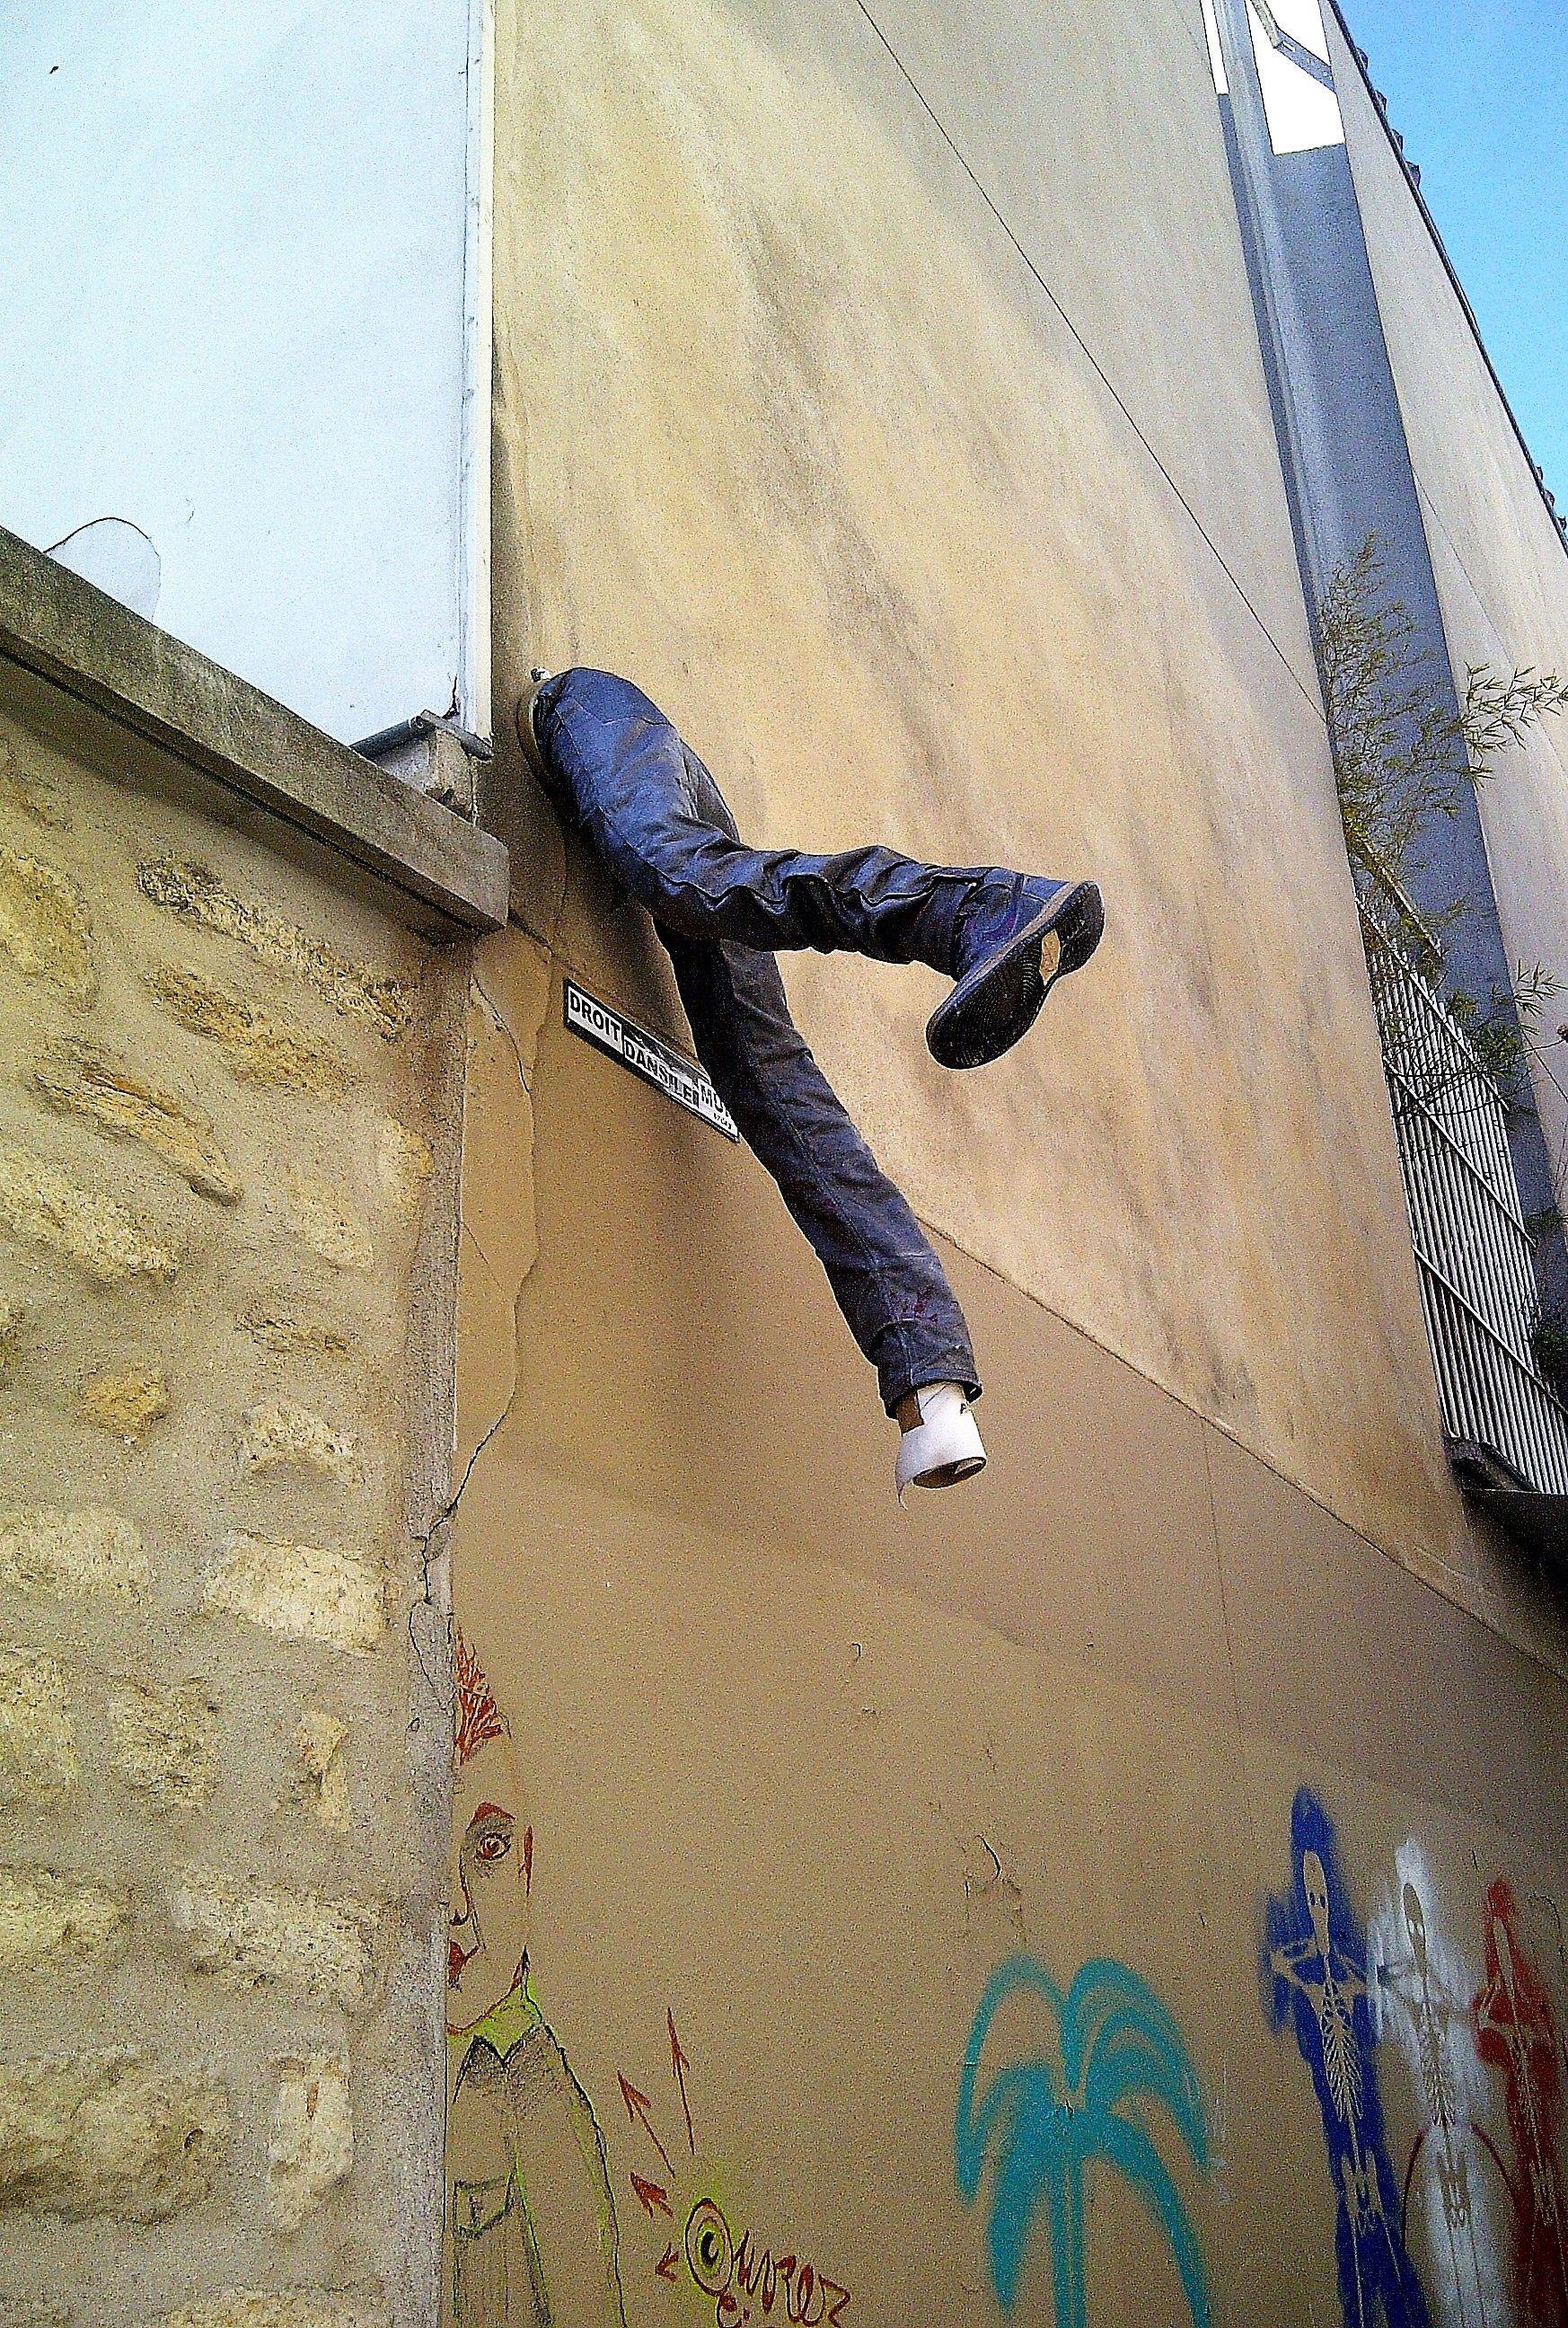 Épinglé par Azade sur art urbain Art urbain